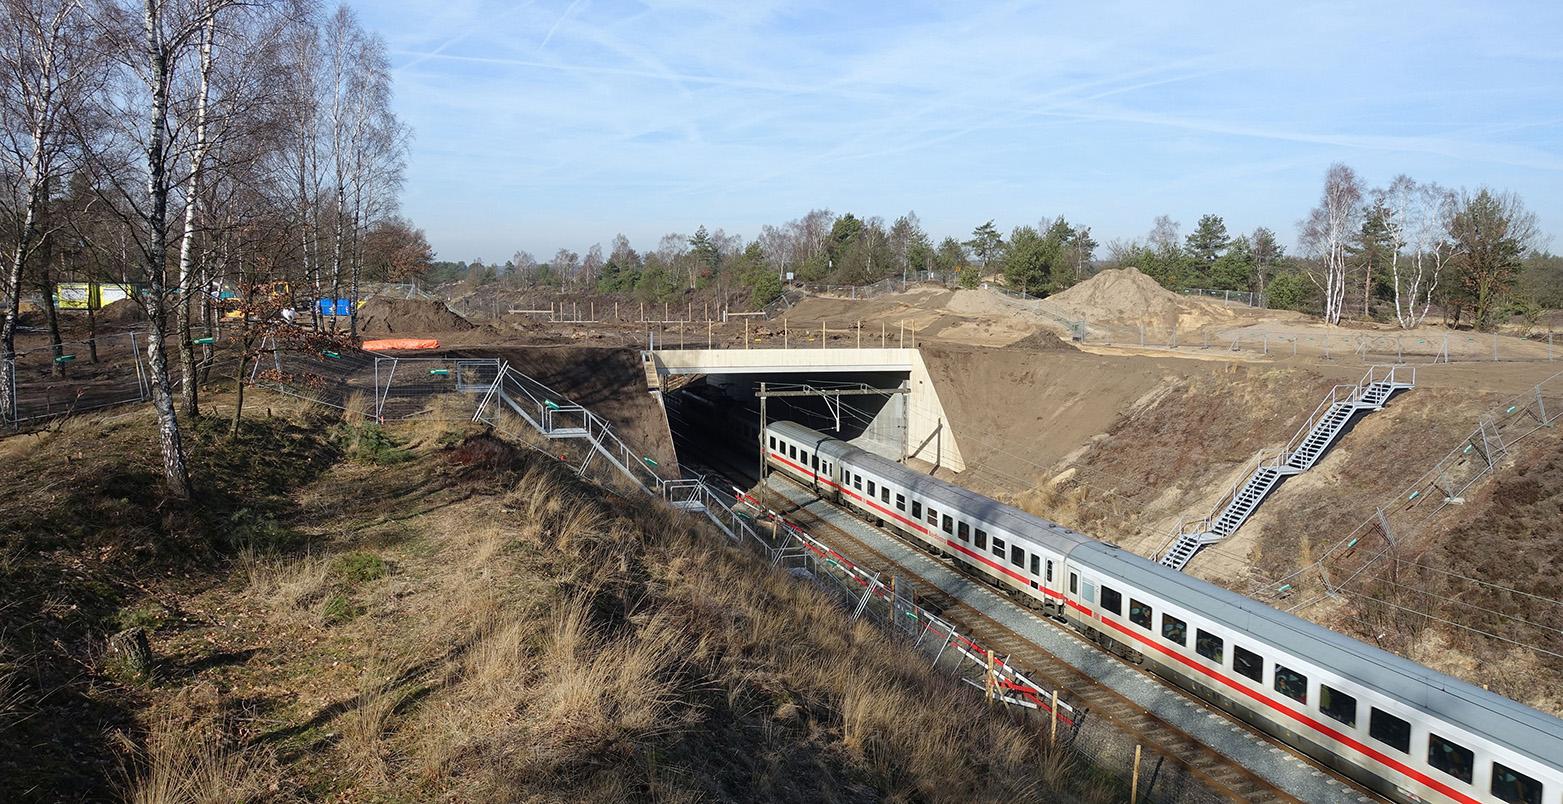 Het treinverkeer ondervindt geen hinder van de bouw - Foto: ©Jan van Uffelen